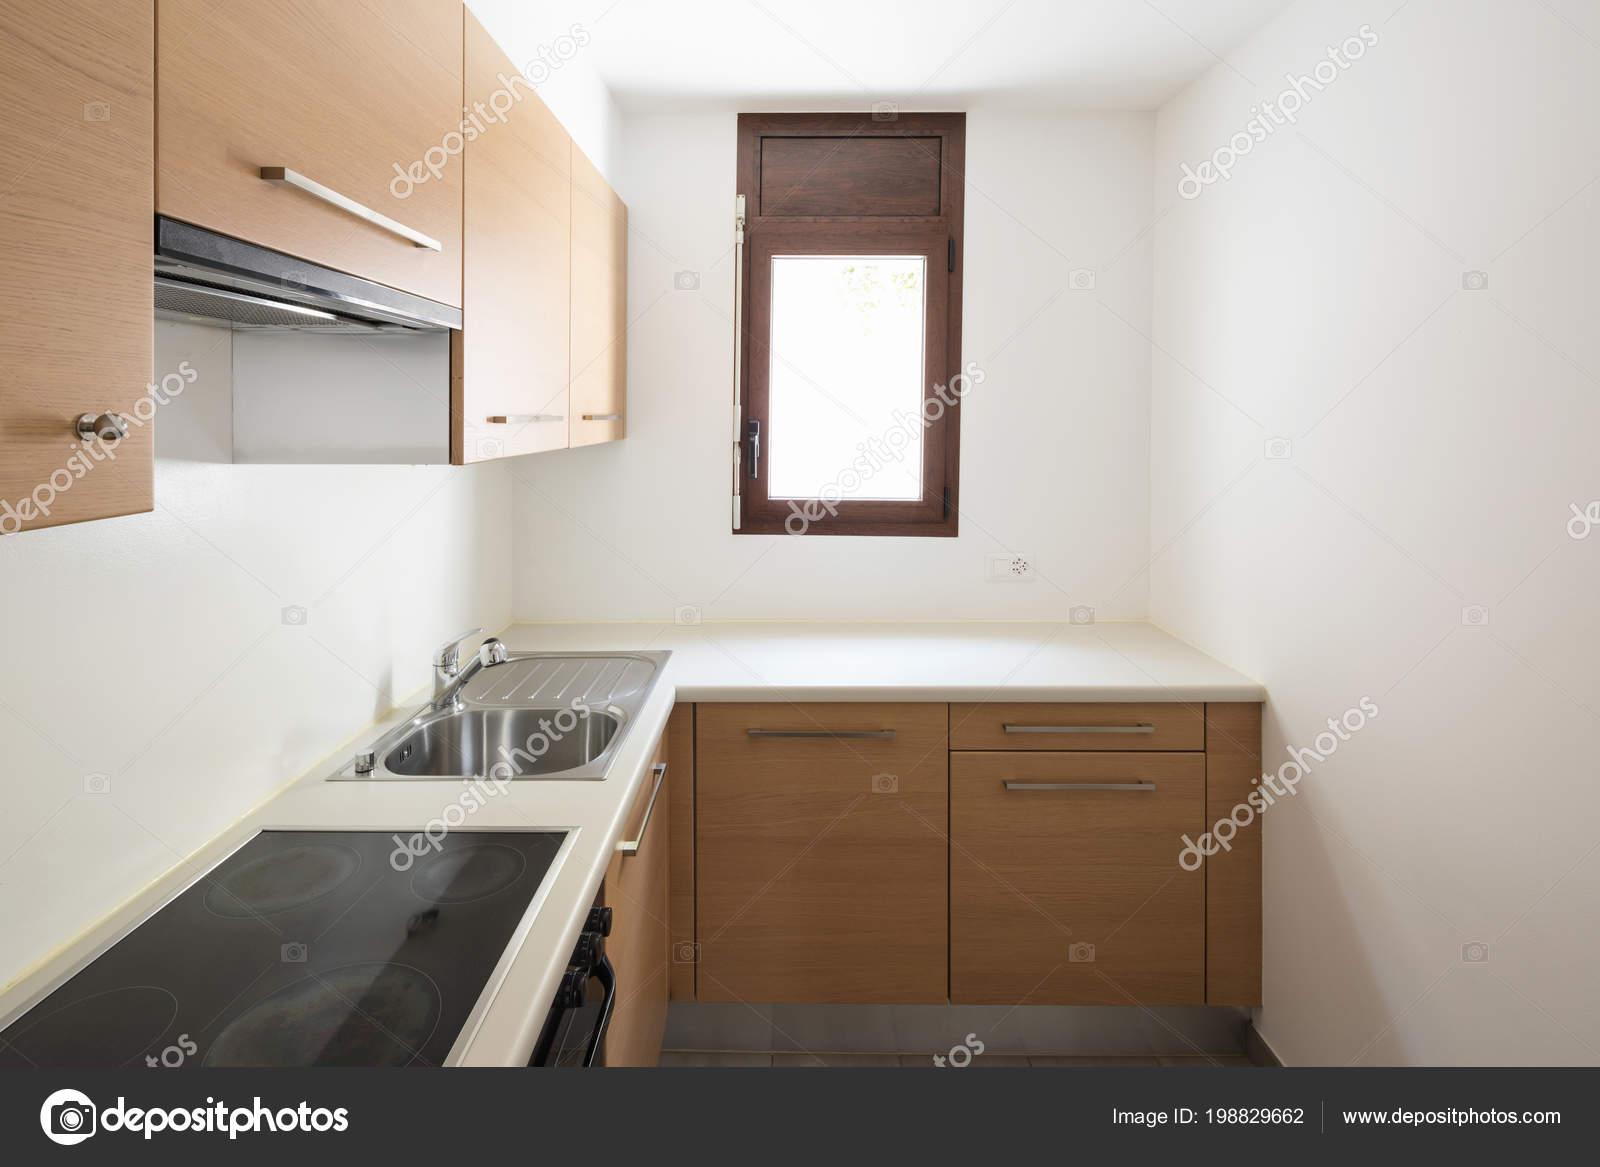 Bemerkenswert Moderne Wände Beste Wahl Küche Holz Und Weiße Wände Kleines Fenster